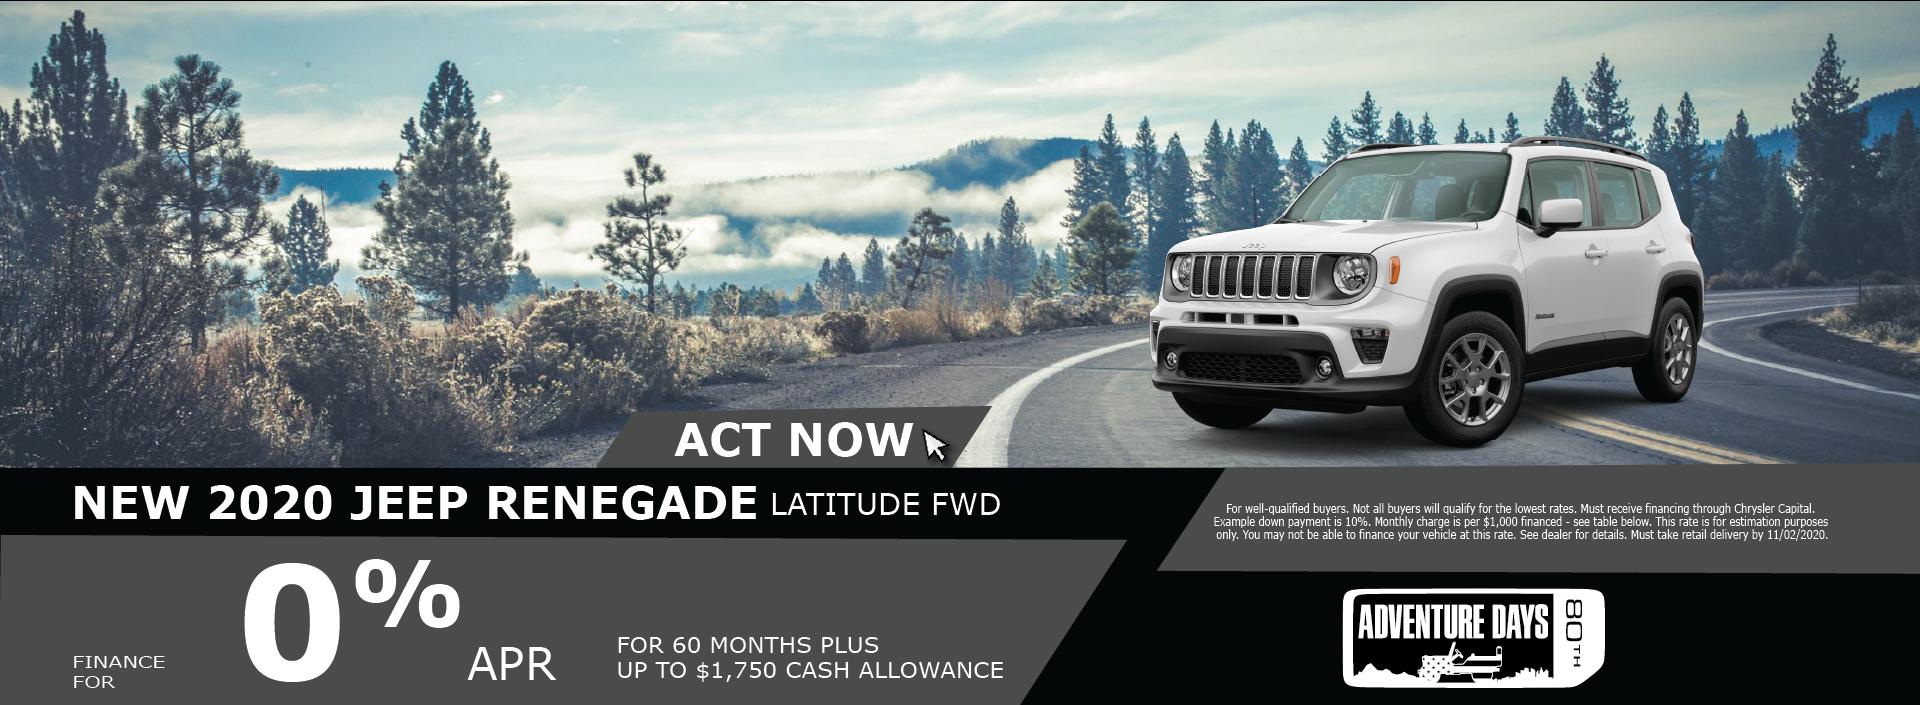 Beaman – Jeep Renegade October